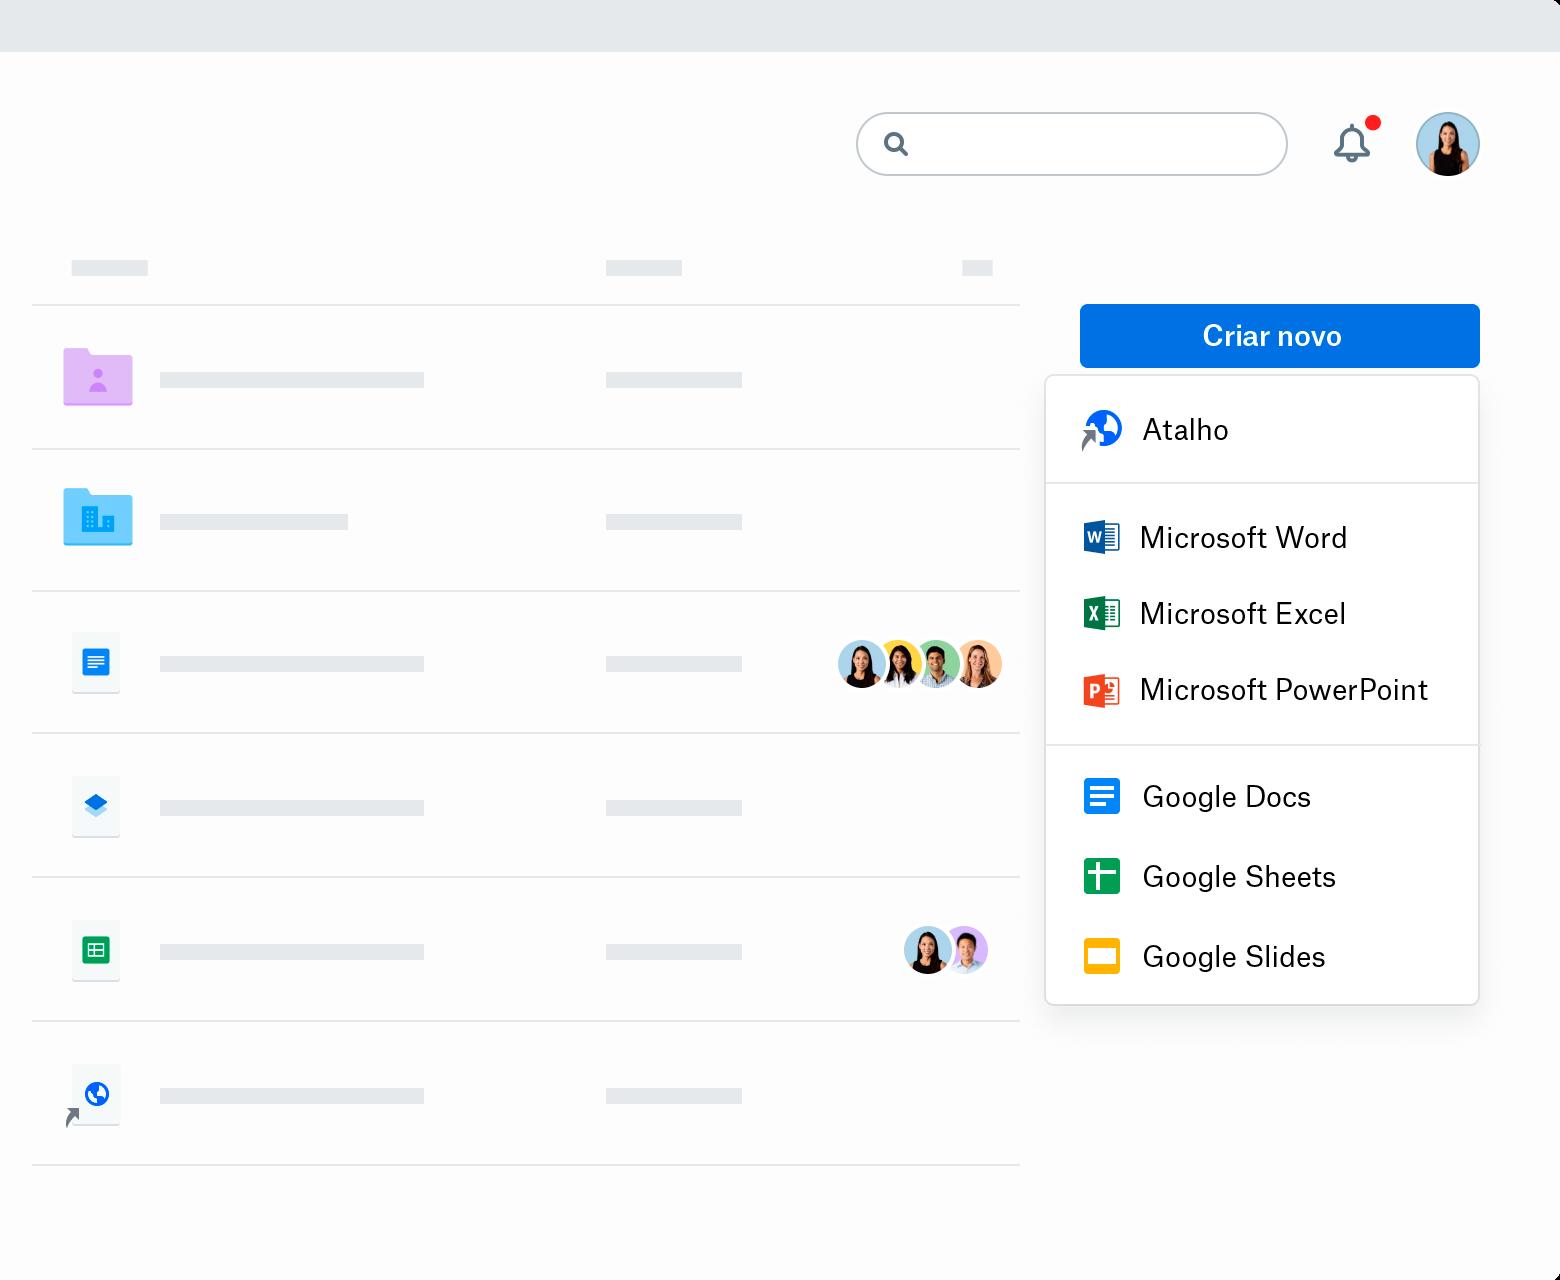 """Uma captura de tela do menu suspenso """"Criar novo"""" em Dropbox.com. O menu lista atalhos do Microsoft Word, Microsoft Excel, Microsoft PowerPoint, Google Docs, Google Planilhas e Google e Slides."""